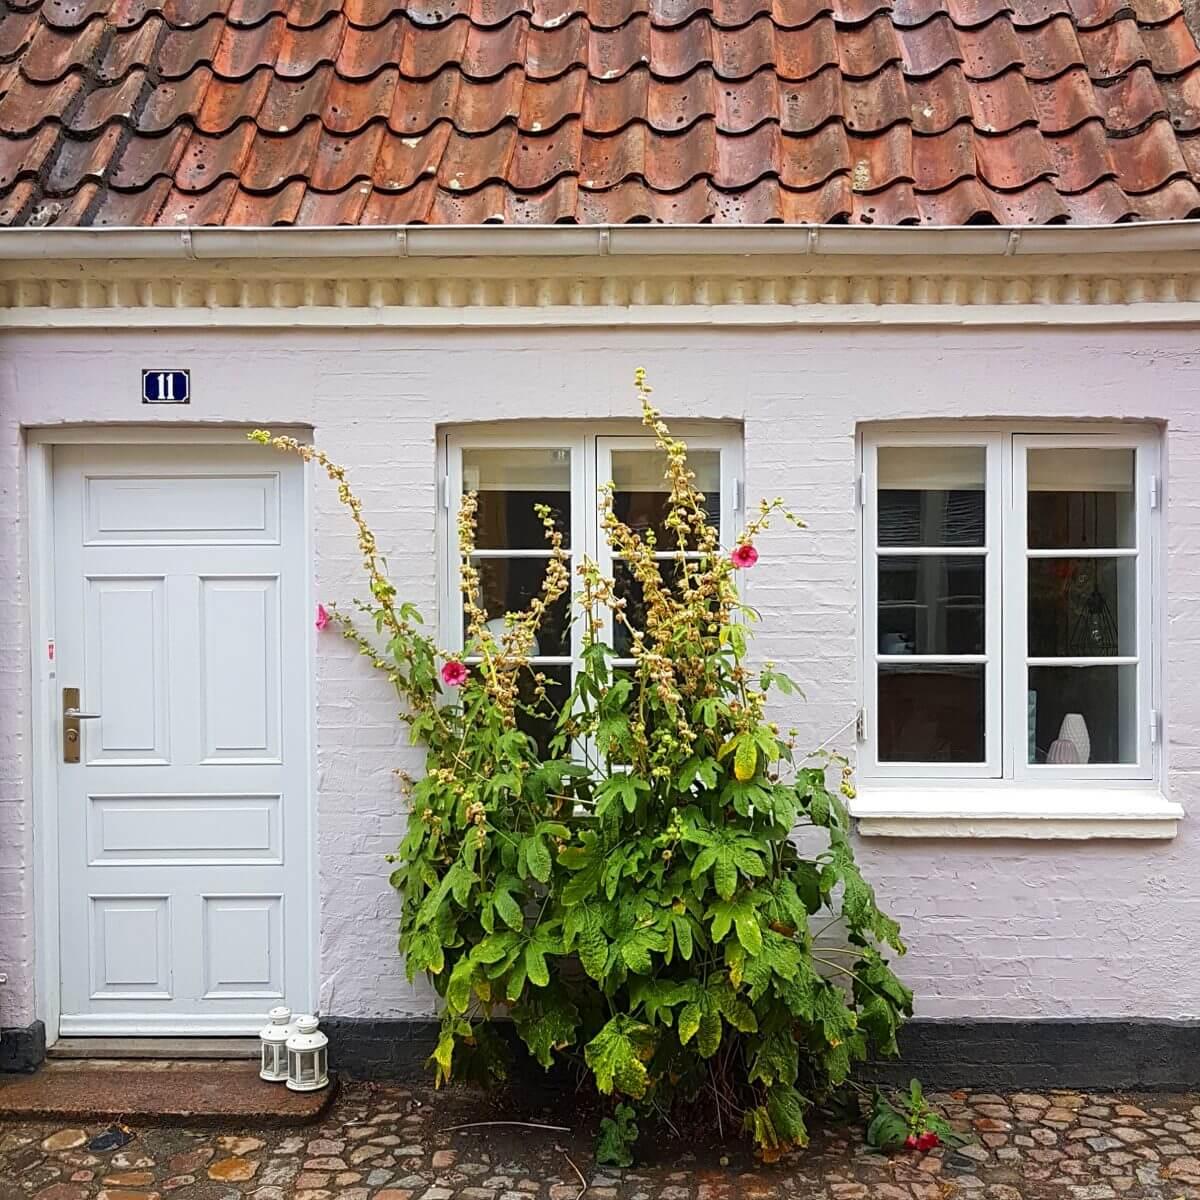 Vakantie met kids: sprookjesachtig Funen in Denemarken - moderne stad Odense met historie van Hans Andersen